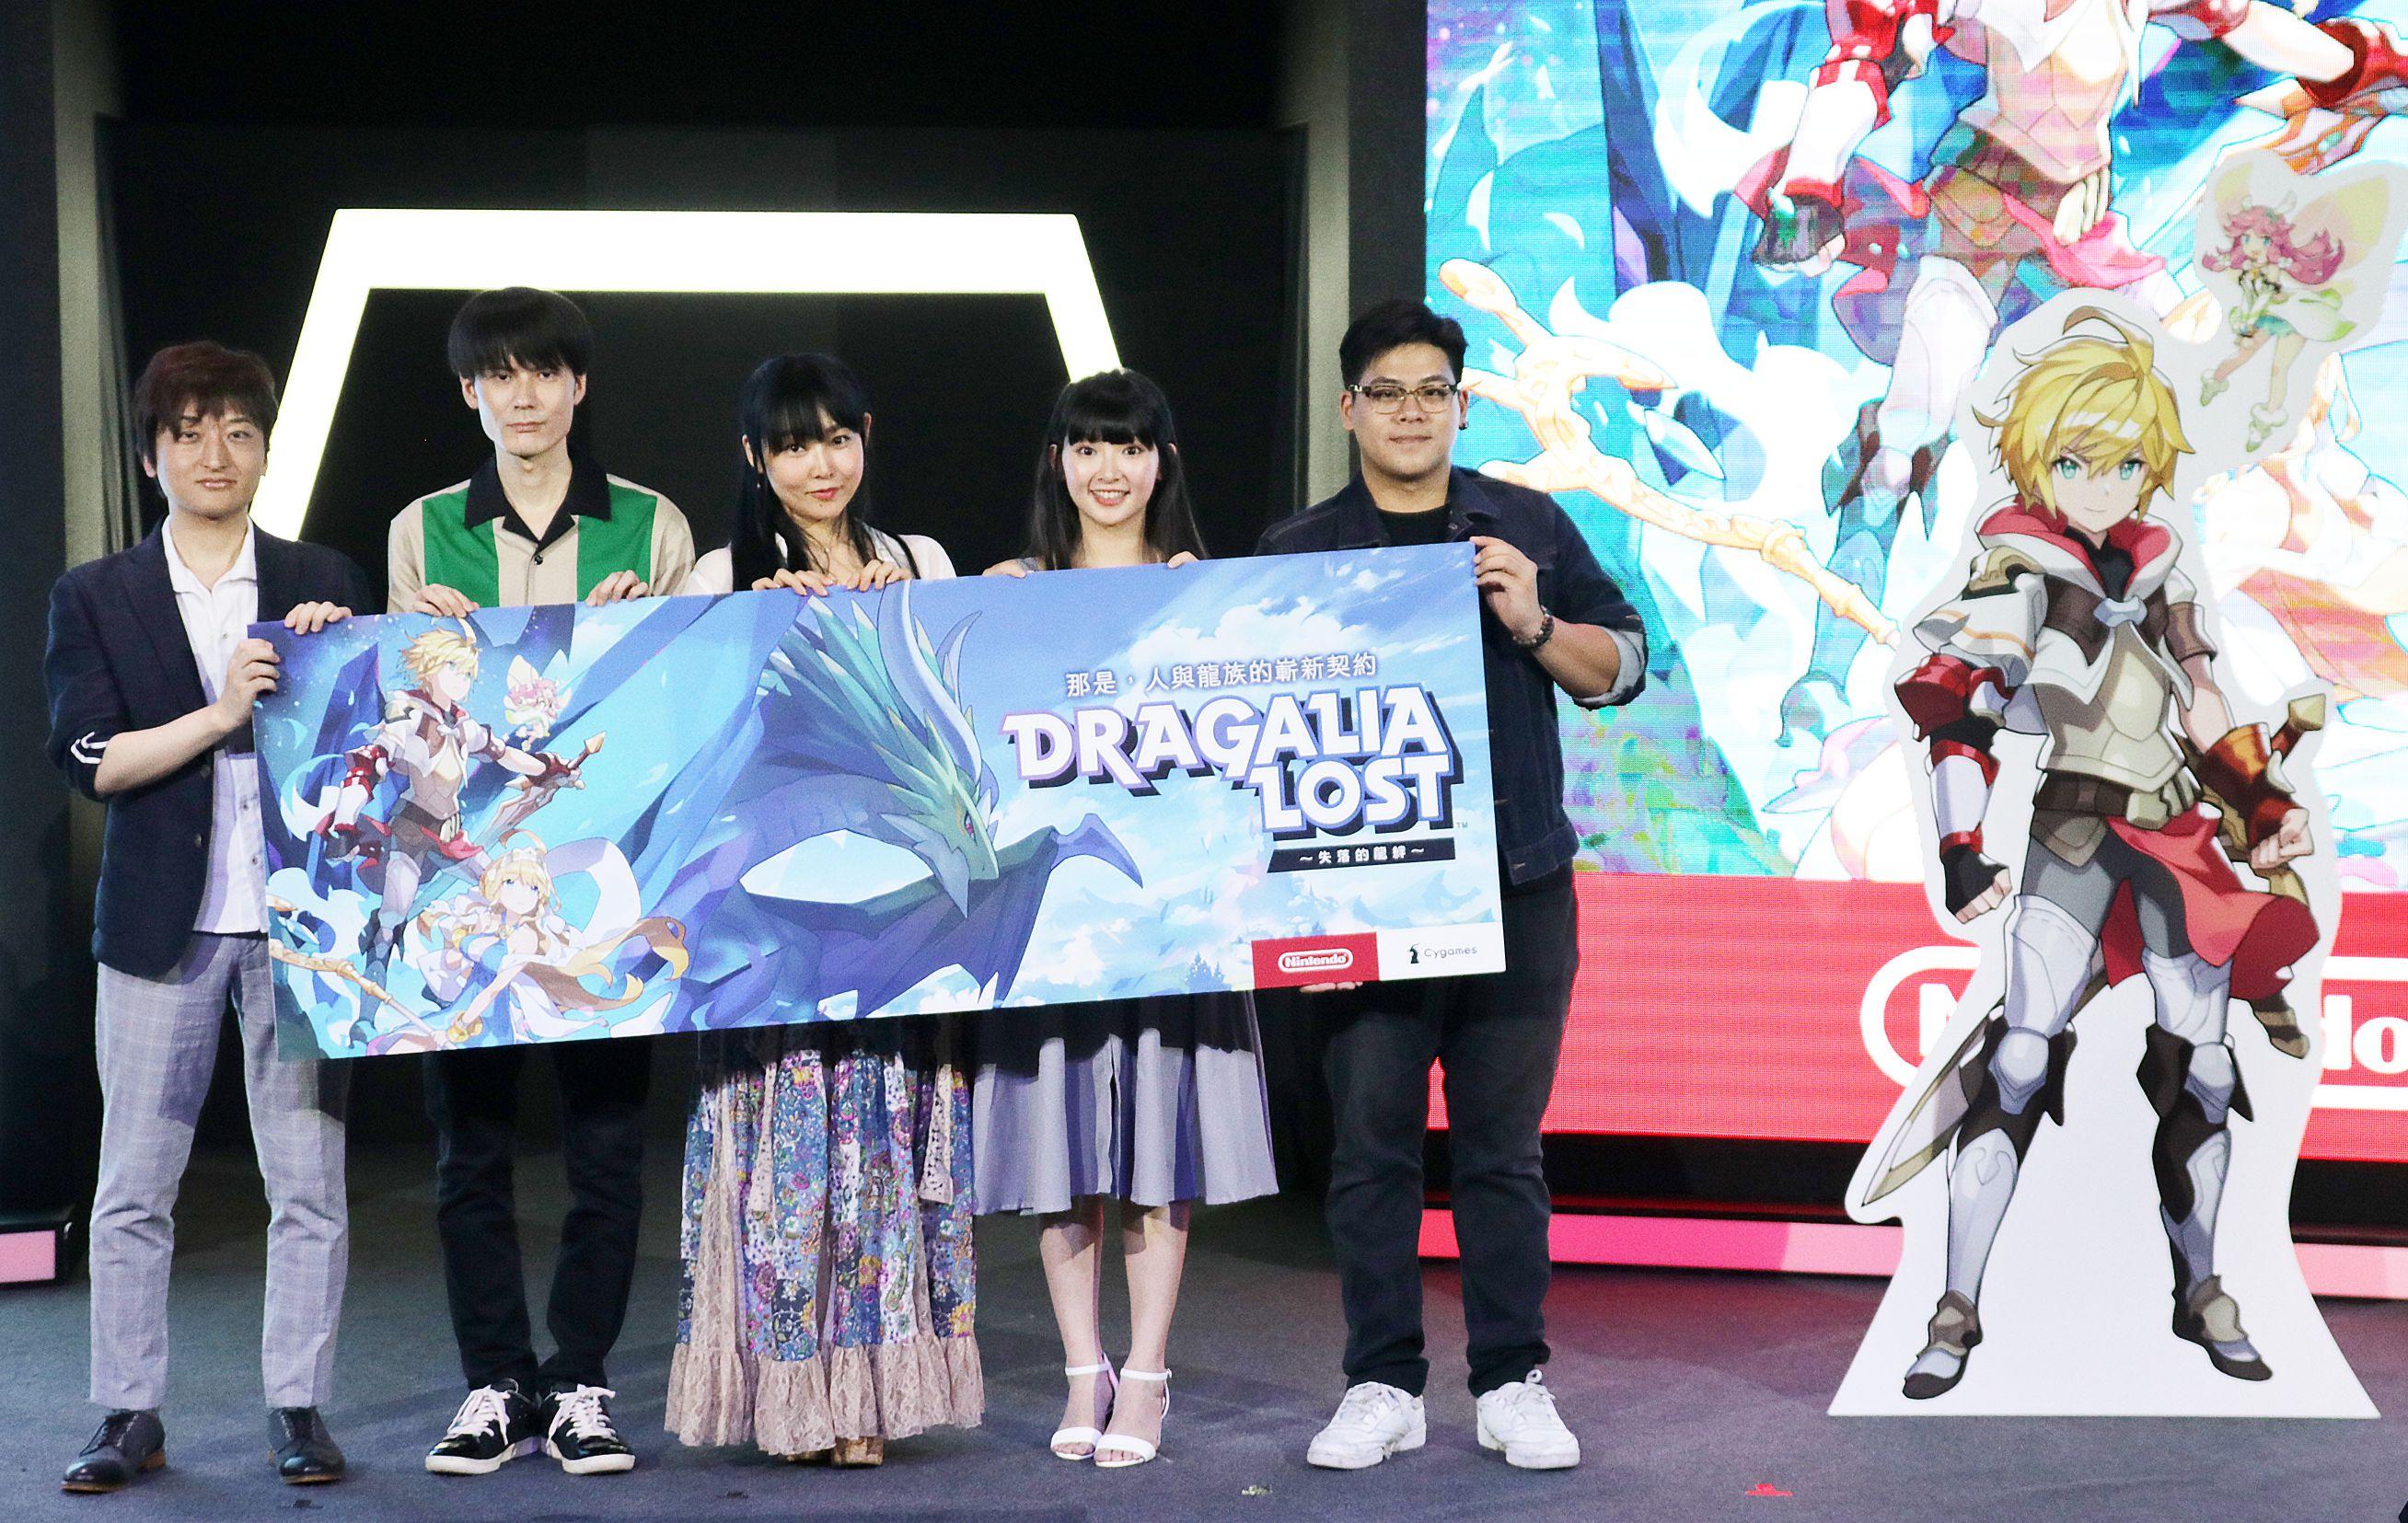 《Dragalia Lost ~失落的龍絆~》特別活動情報 遊戲開發者松浦弘樹 x日本人氣聲優 內山昂輝、ゆかな x知名實況主